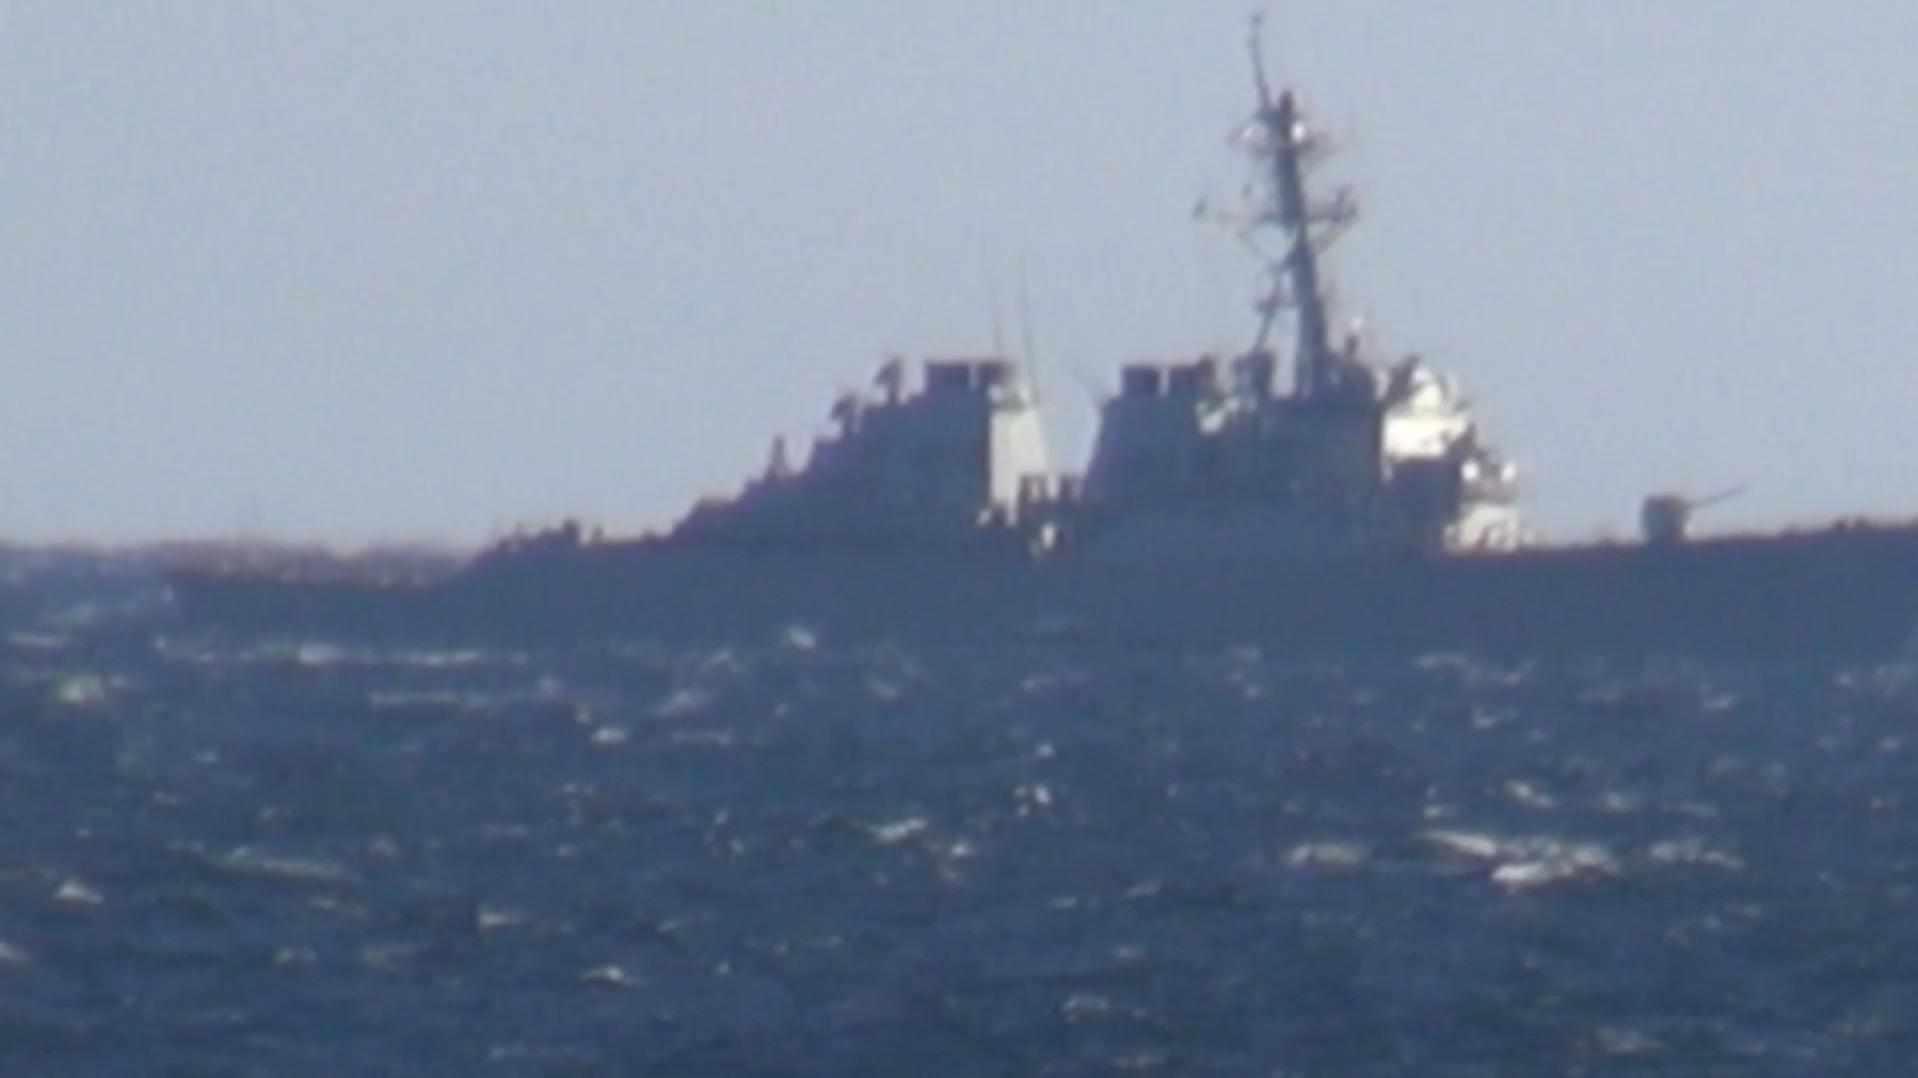 Немцы оценили заход американского эсминца в российские воды